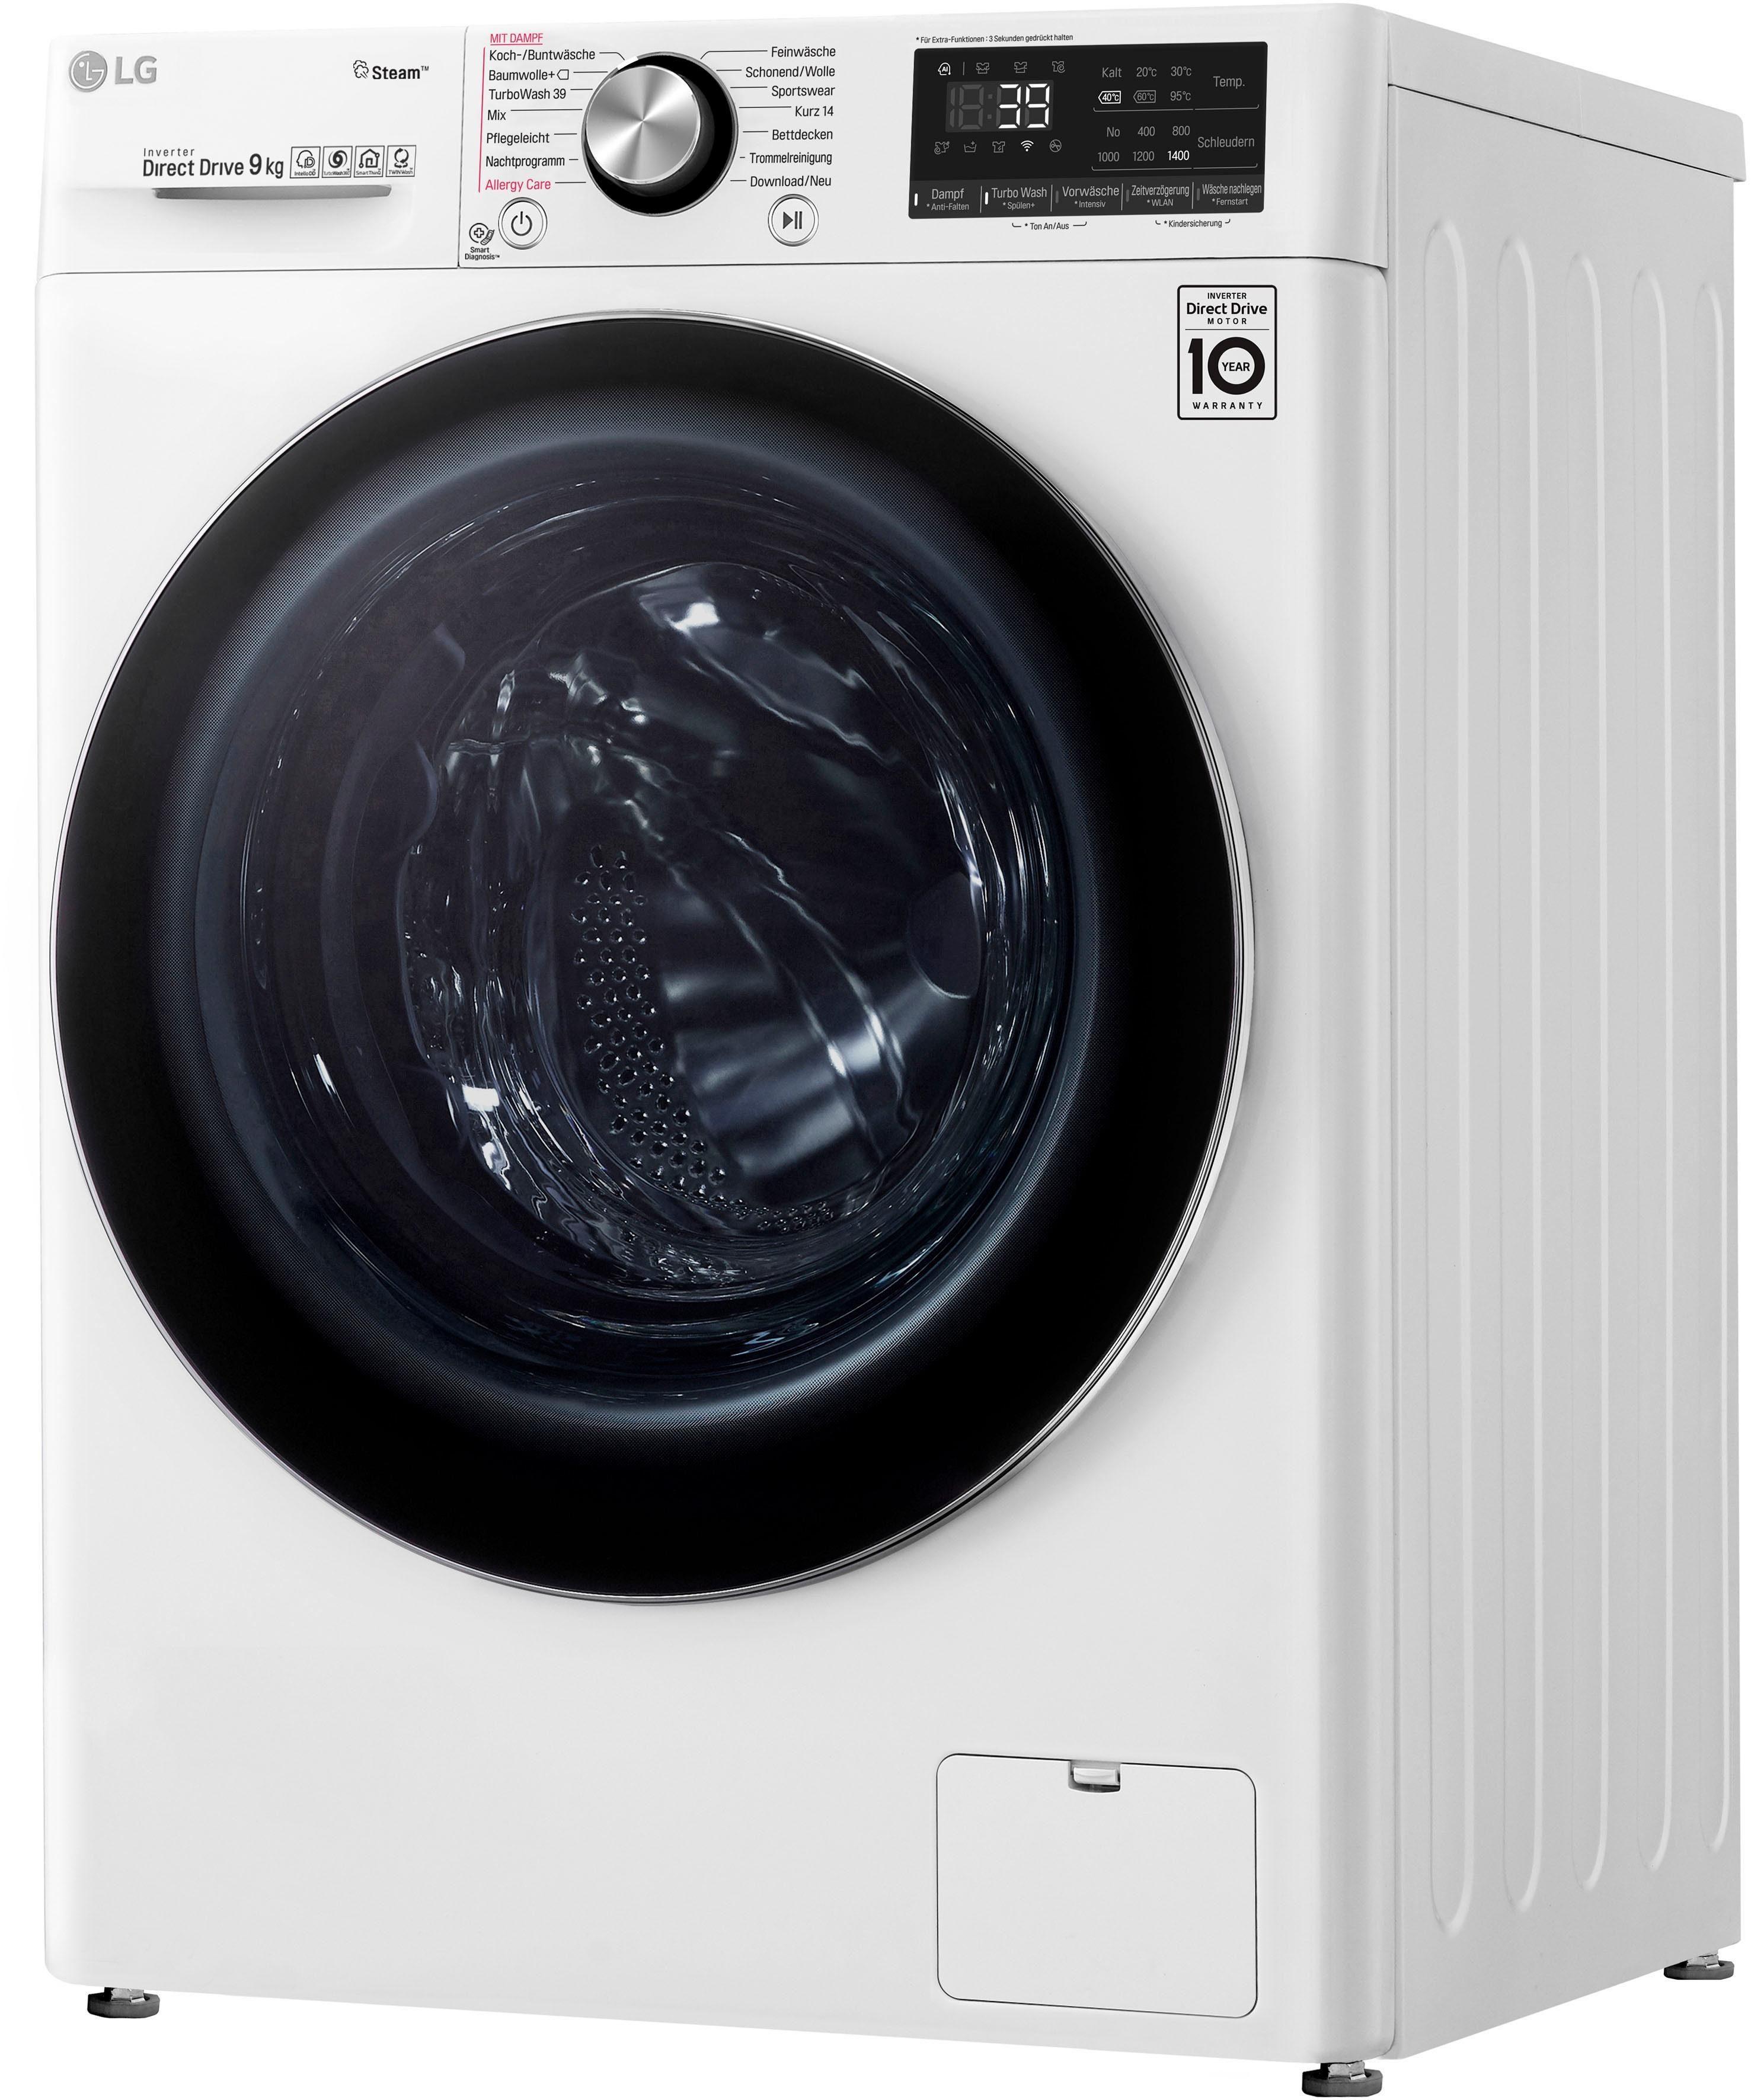 LG Waschmaschine Serie 9 F4WV909P2 | Bad > Waschmaschinen und Trockner > Frontlader | LG